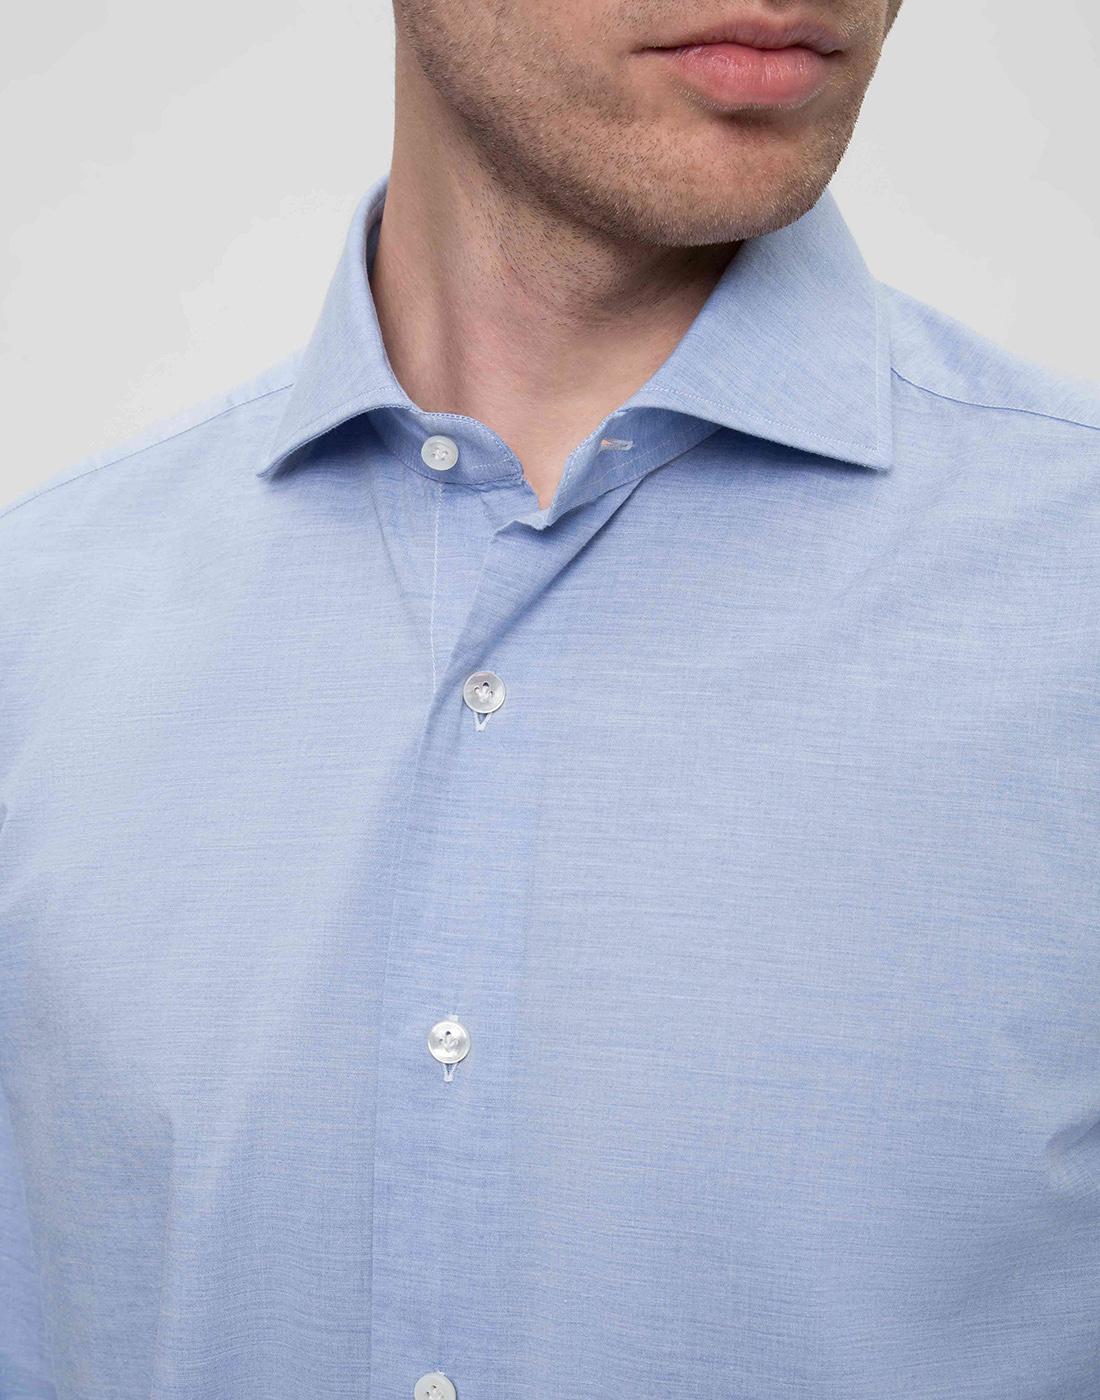 Мужская голубая рубашка Barba SK4U132597401U-6